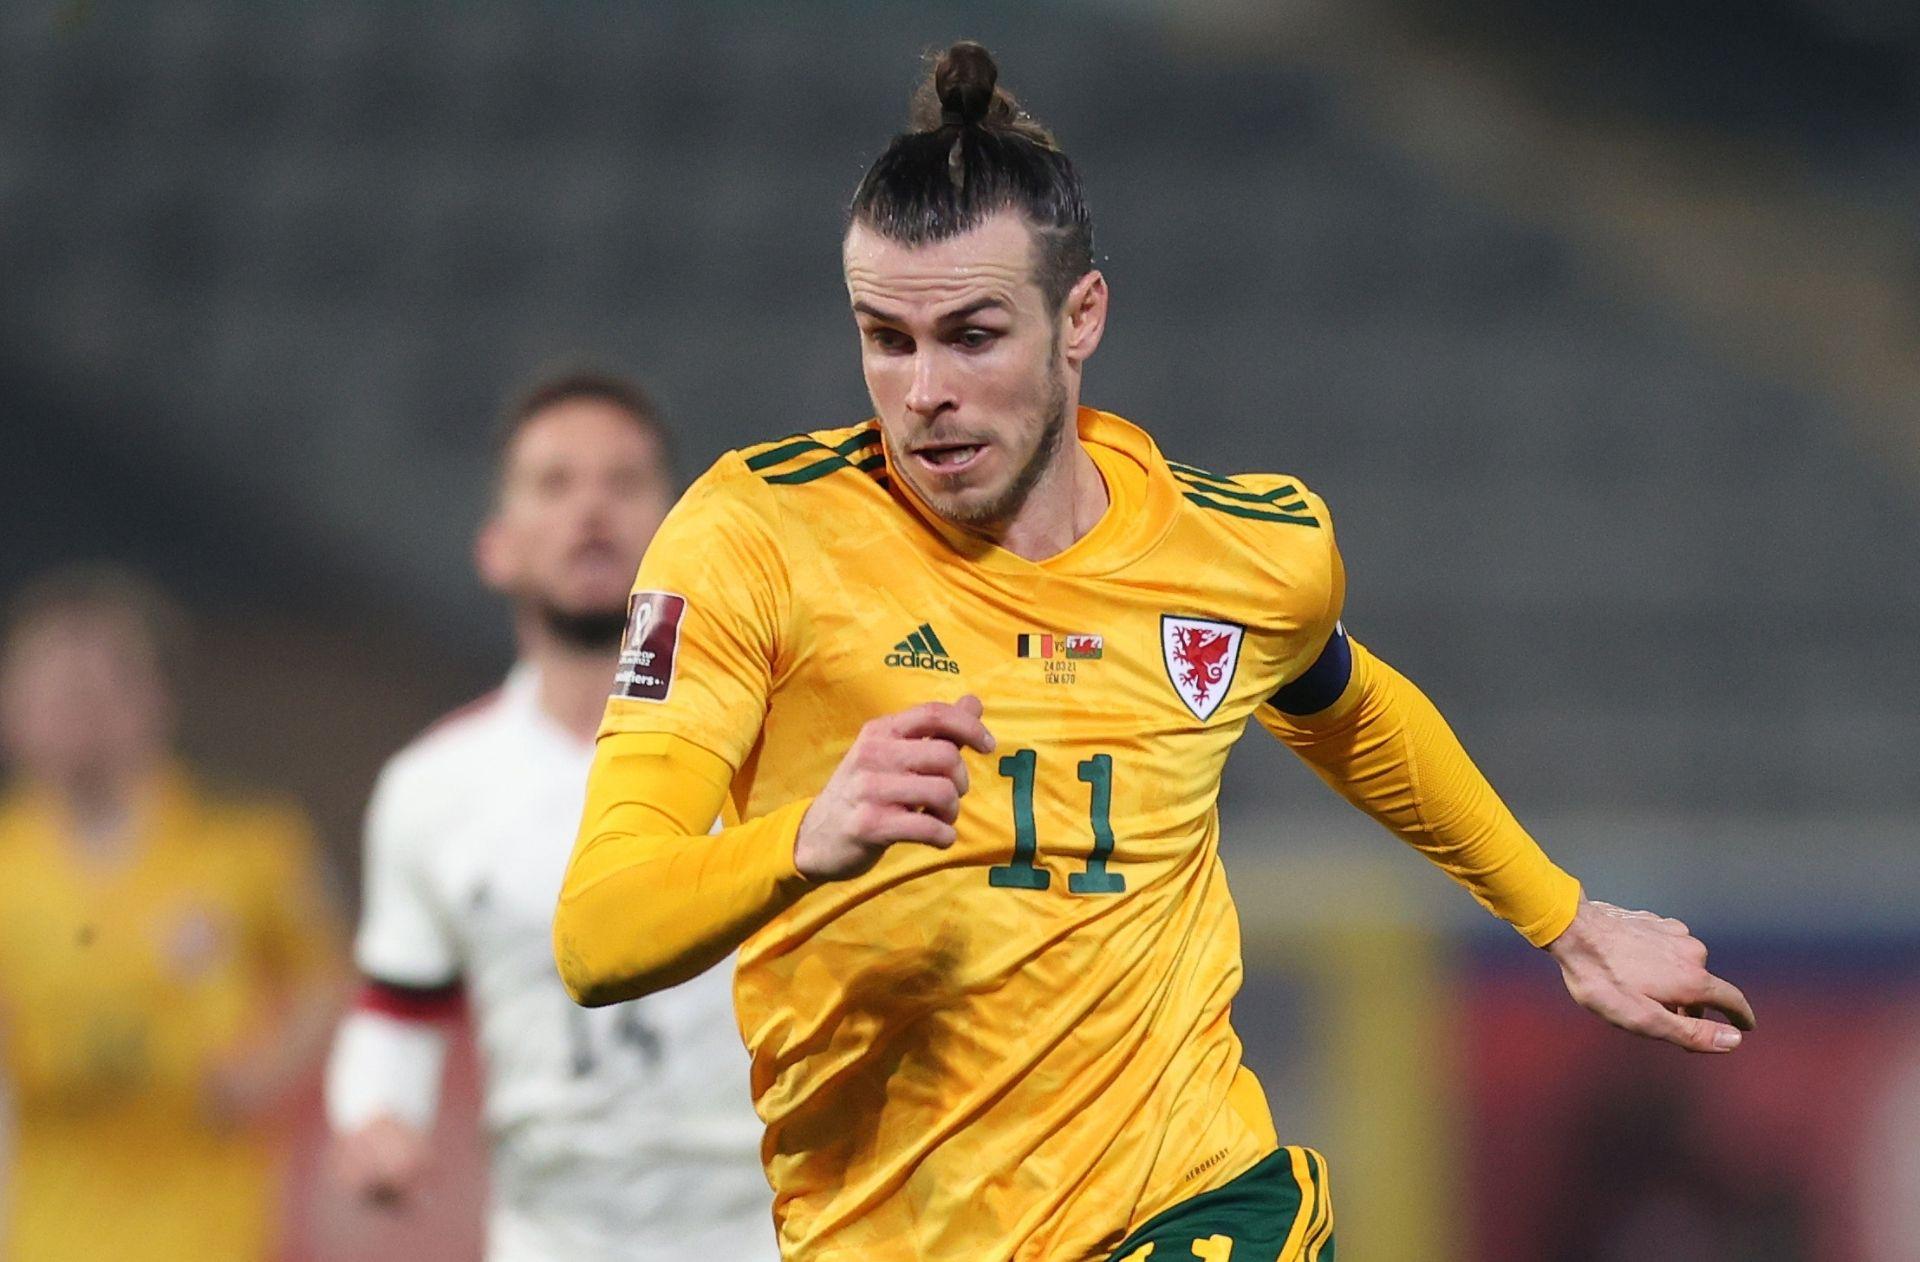 Gareth Bale - Wales vs Belgium